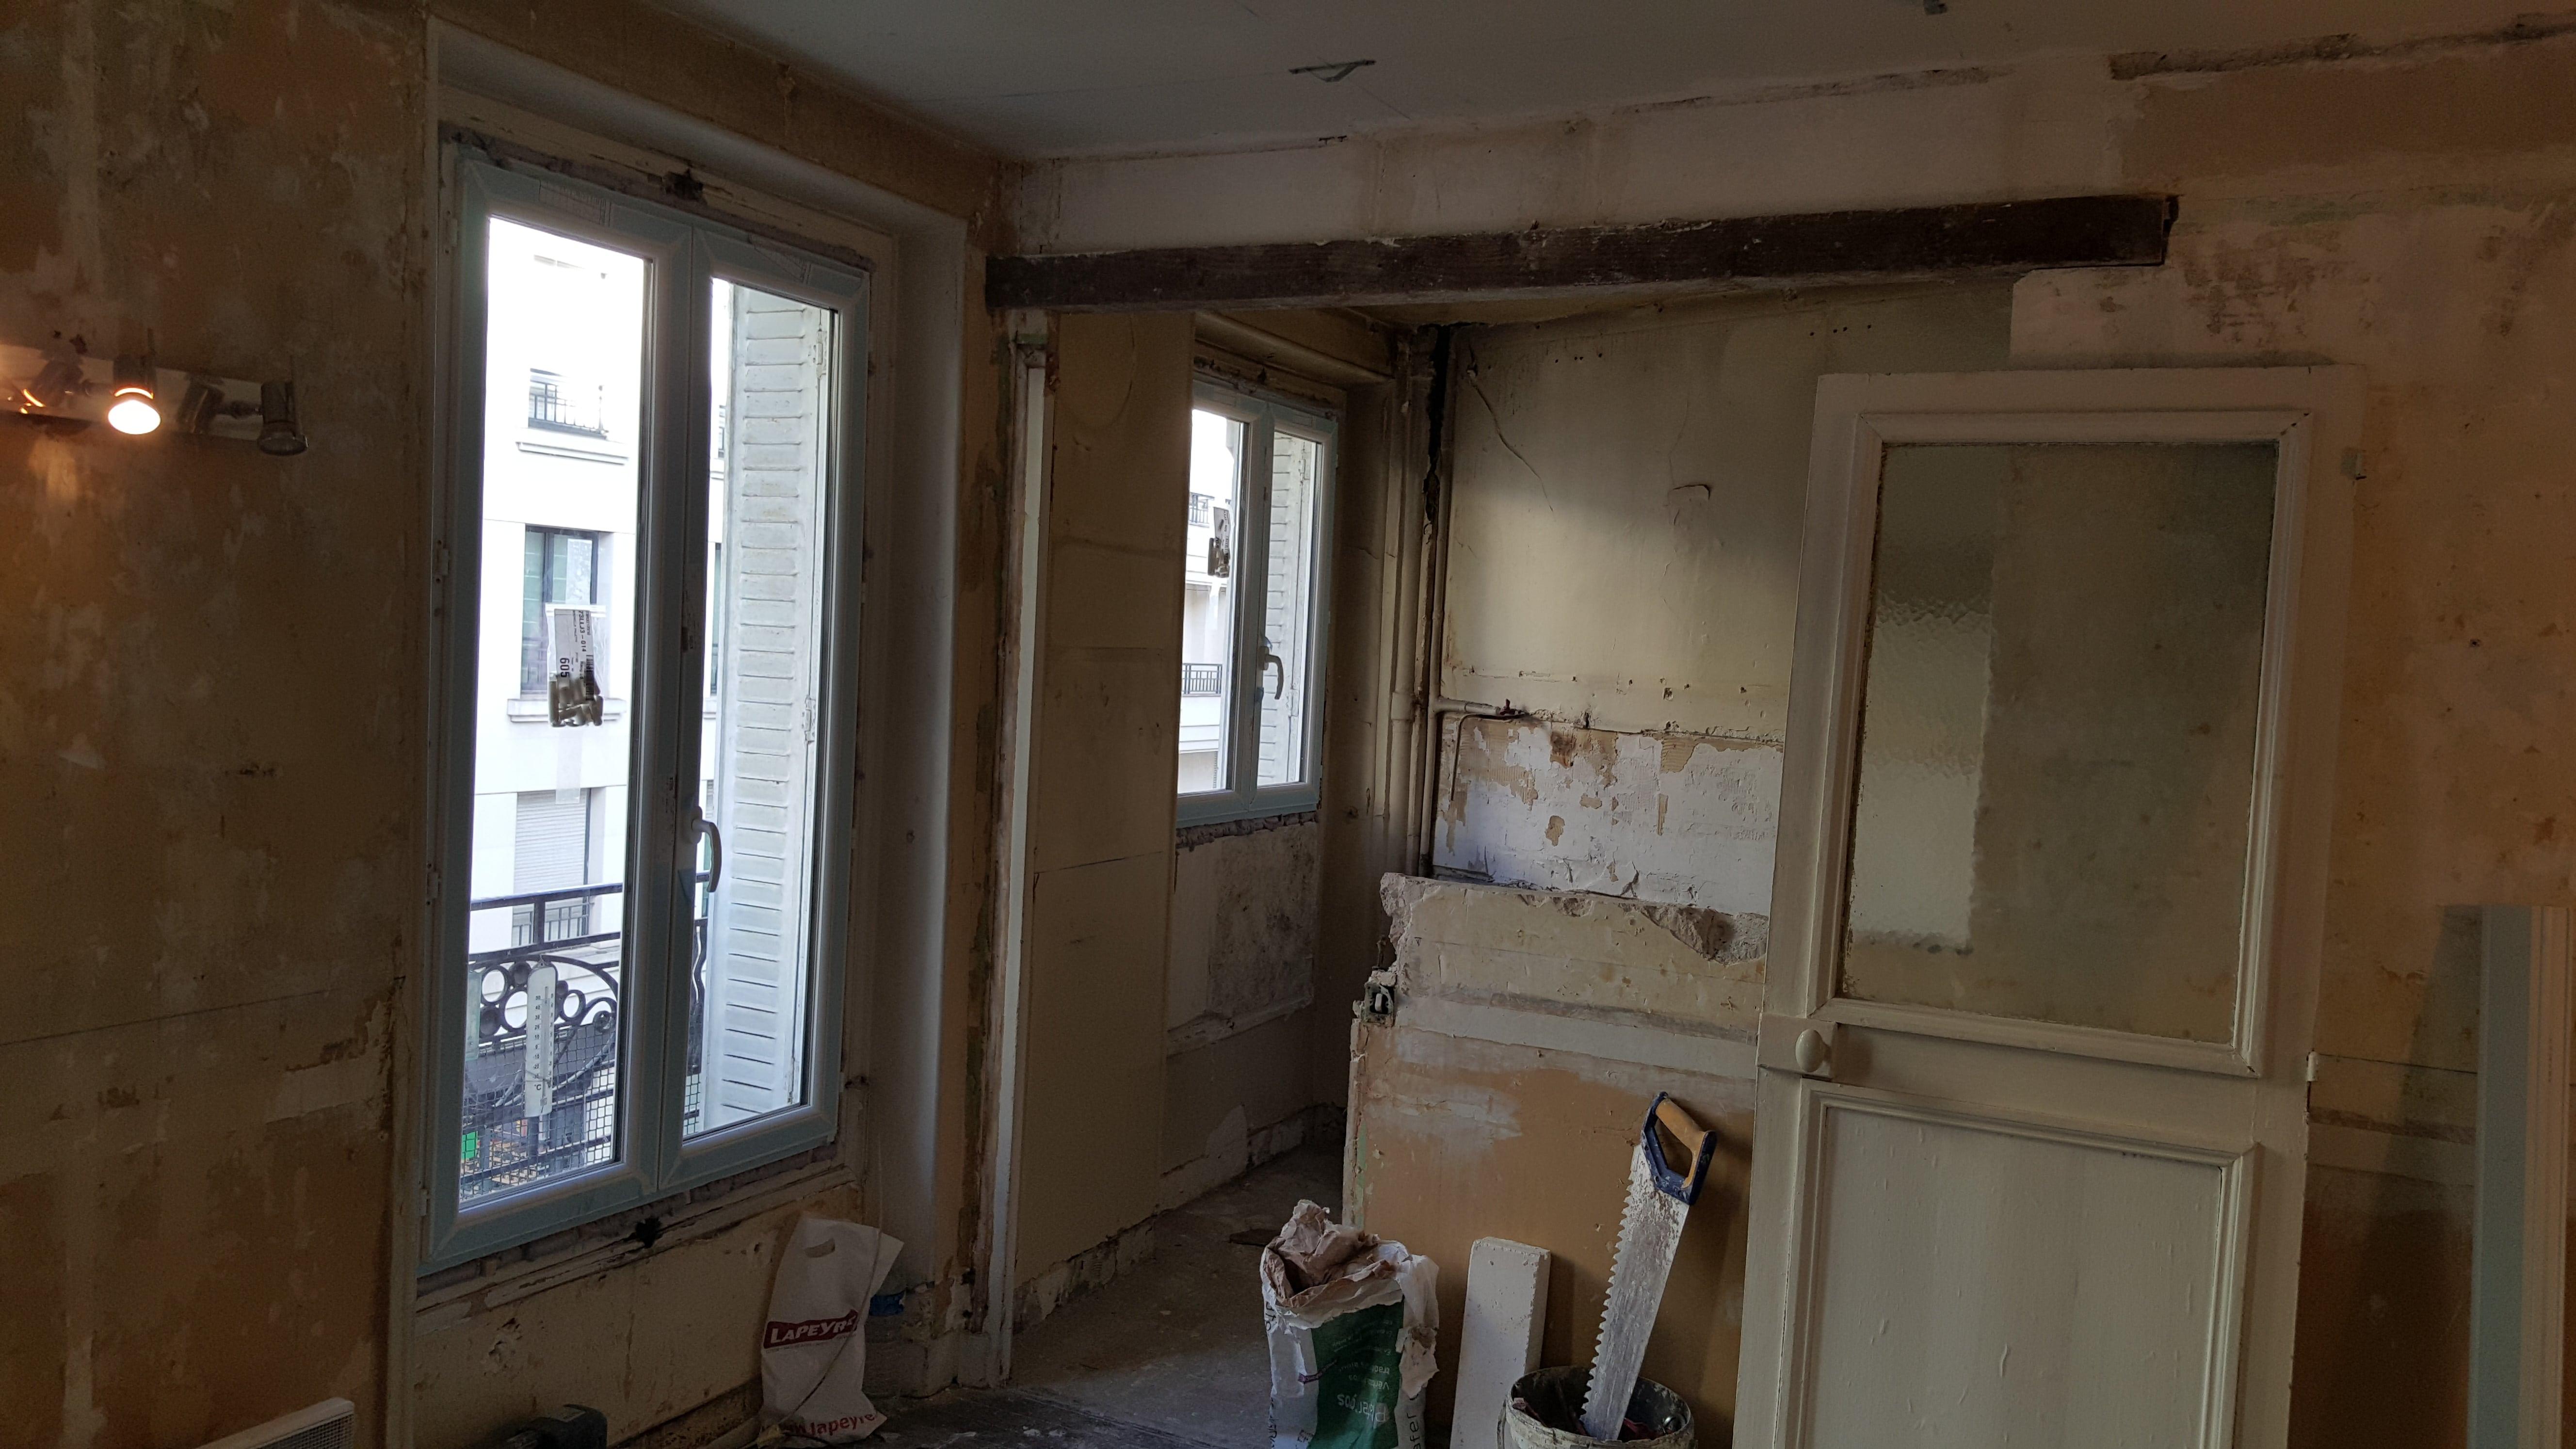 Travaux-de-renovation-a-Asnieres-d'un-studio-2-pose-de-carrelage-toile-de-verre-peinture-plomberie-electricite-cuisine-texas-batiment-rge-min